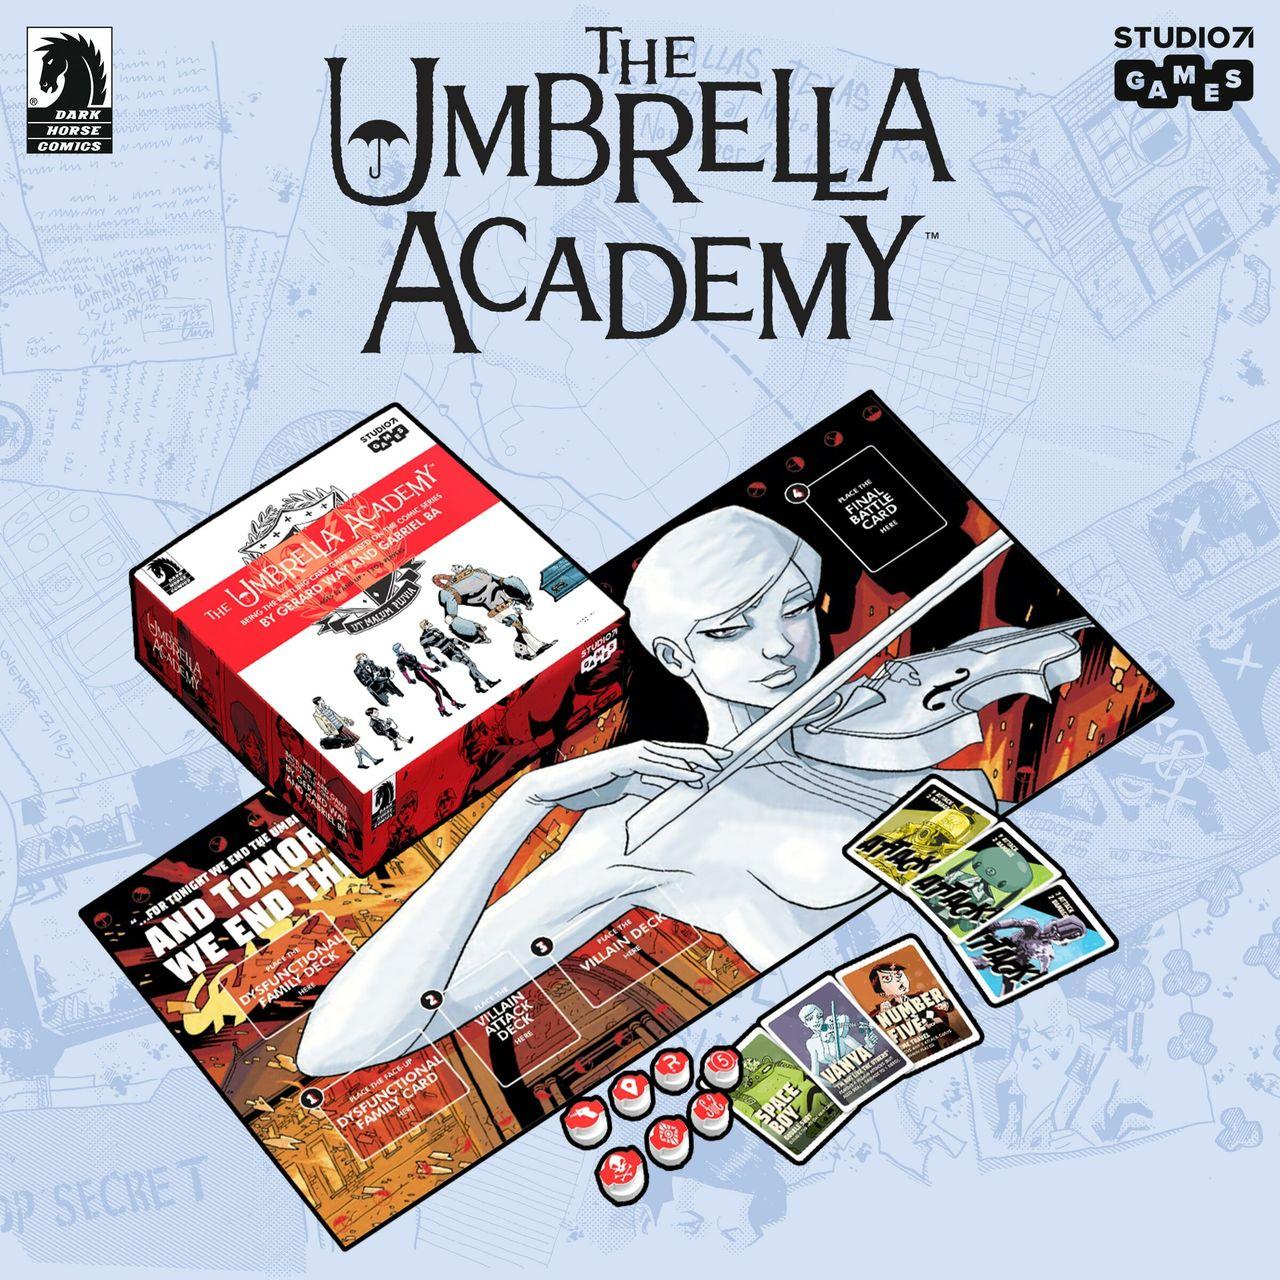 The Umbrella Academy blir kortspel